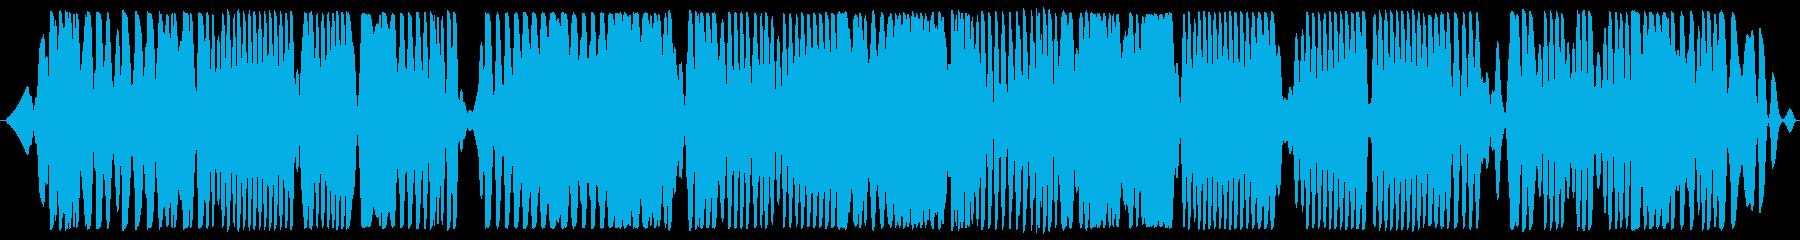 深宇宙ラジオの高チューニングの再生済みの波形